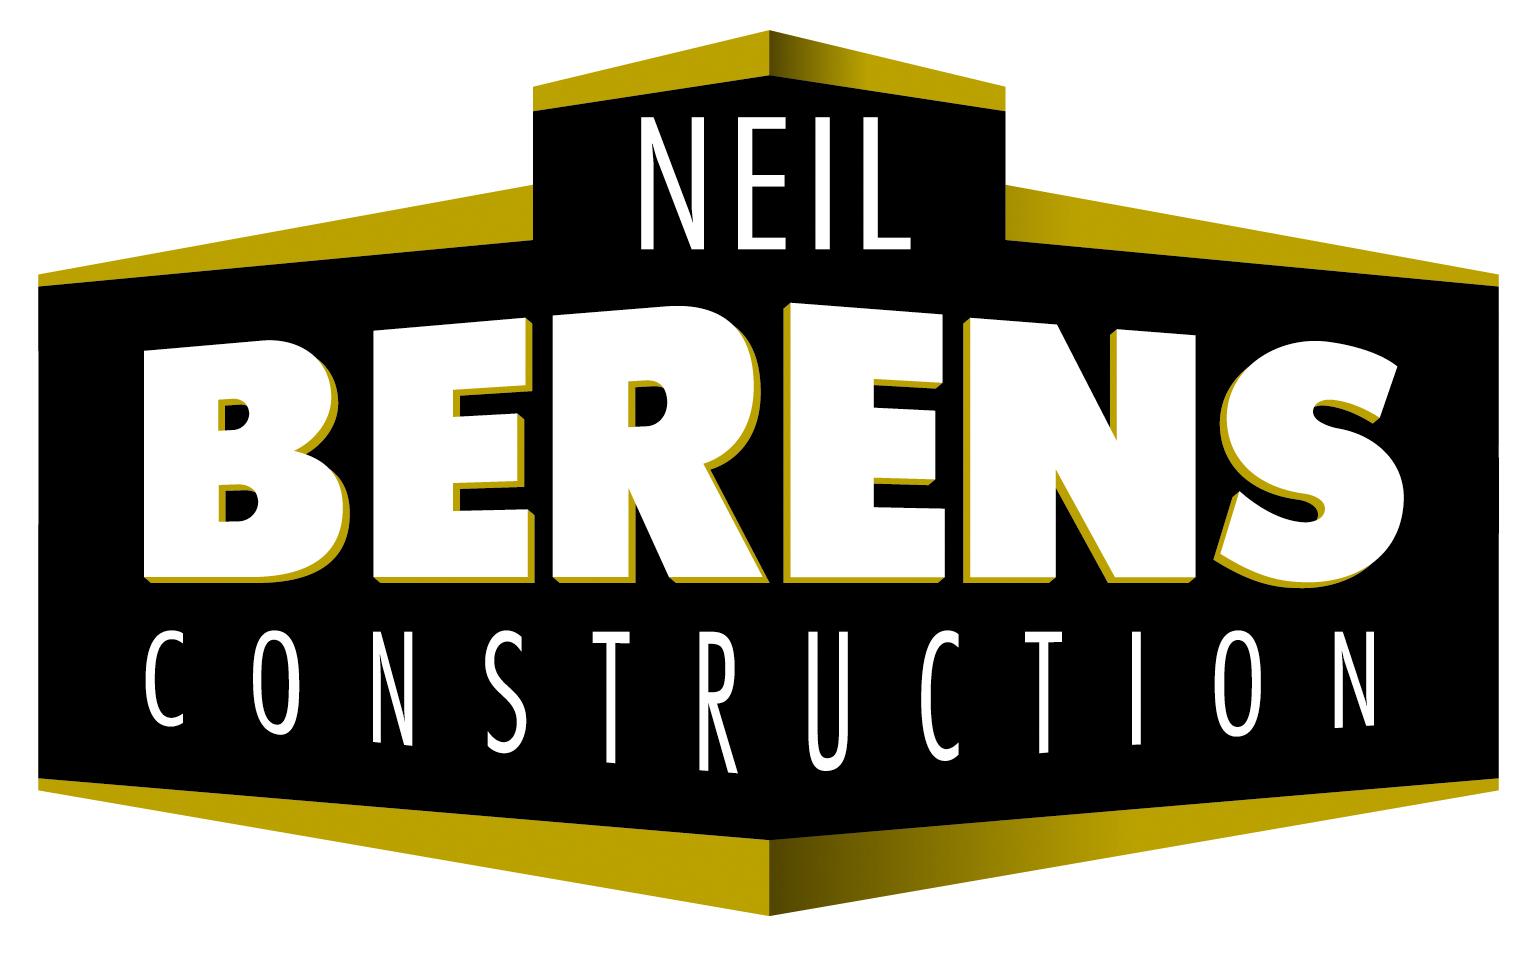 Neil Berens Construction